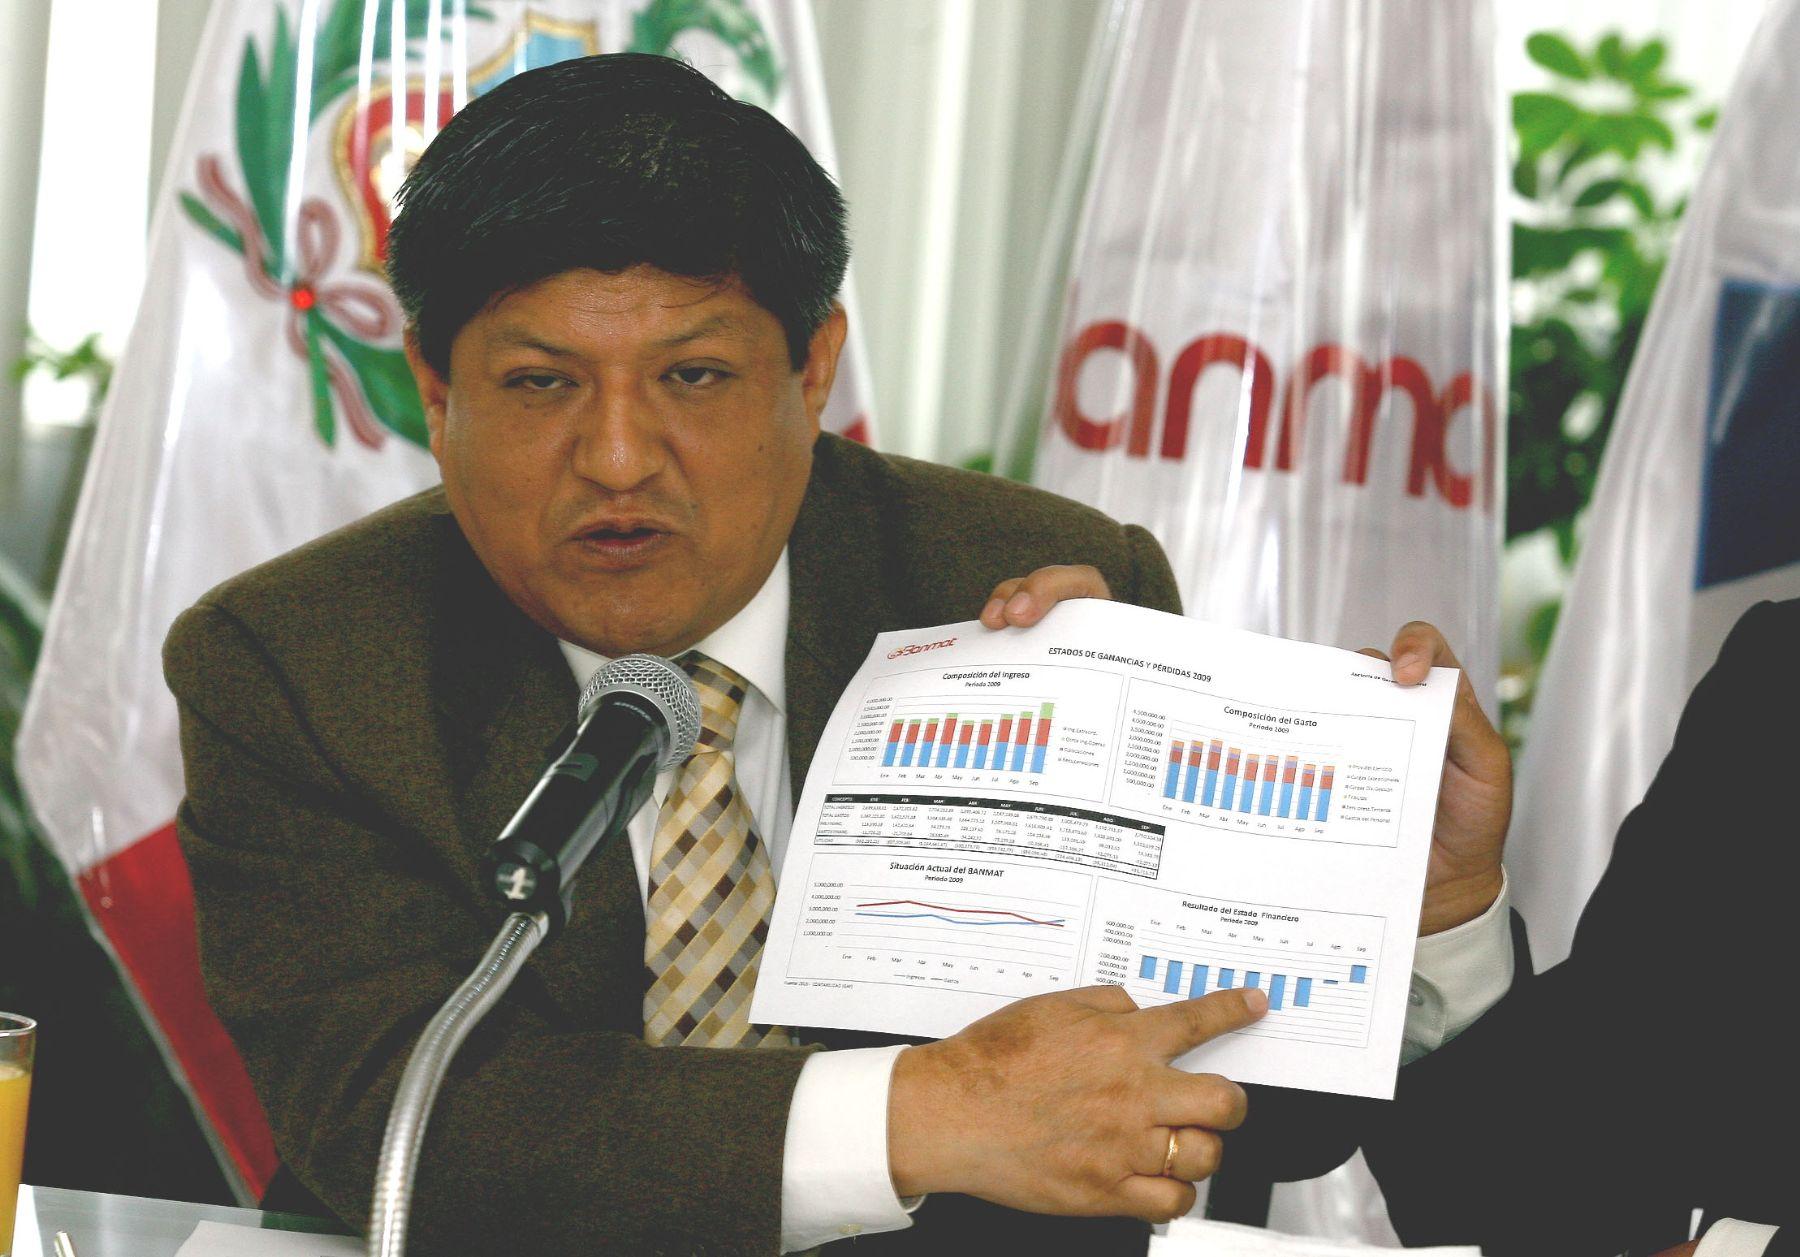 Gerente del Banco de Materiales, Víctor Raúl Espinoza, en conferencia de prensa. Foto: ANDINA/Víctor Palomino.